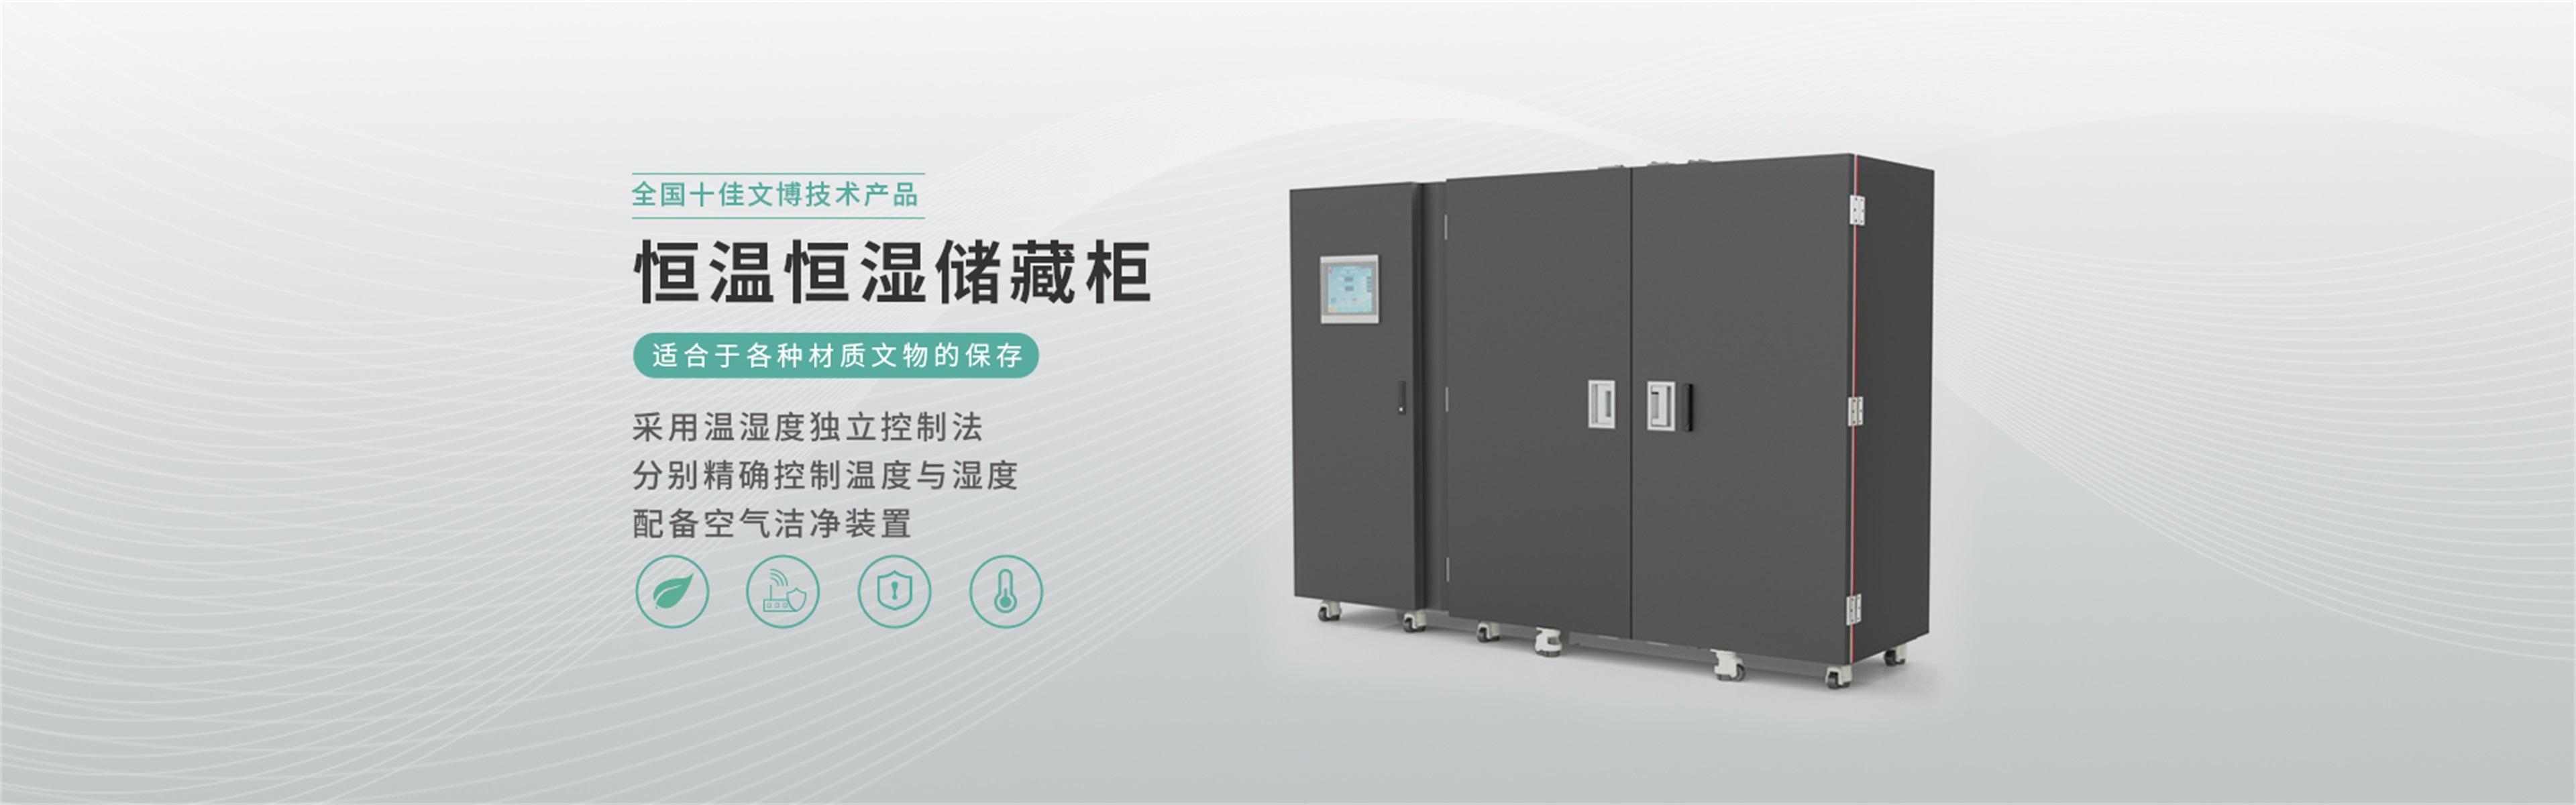 郑州枫华实业股份有限公司